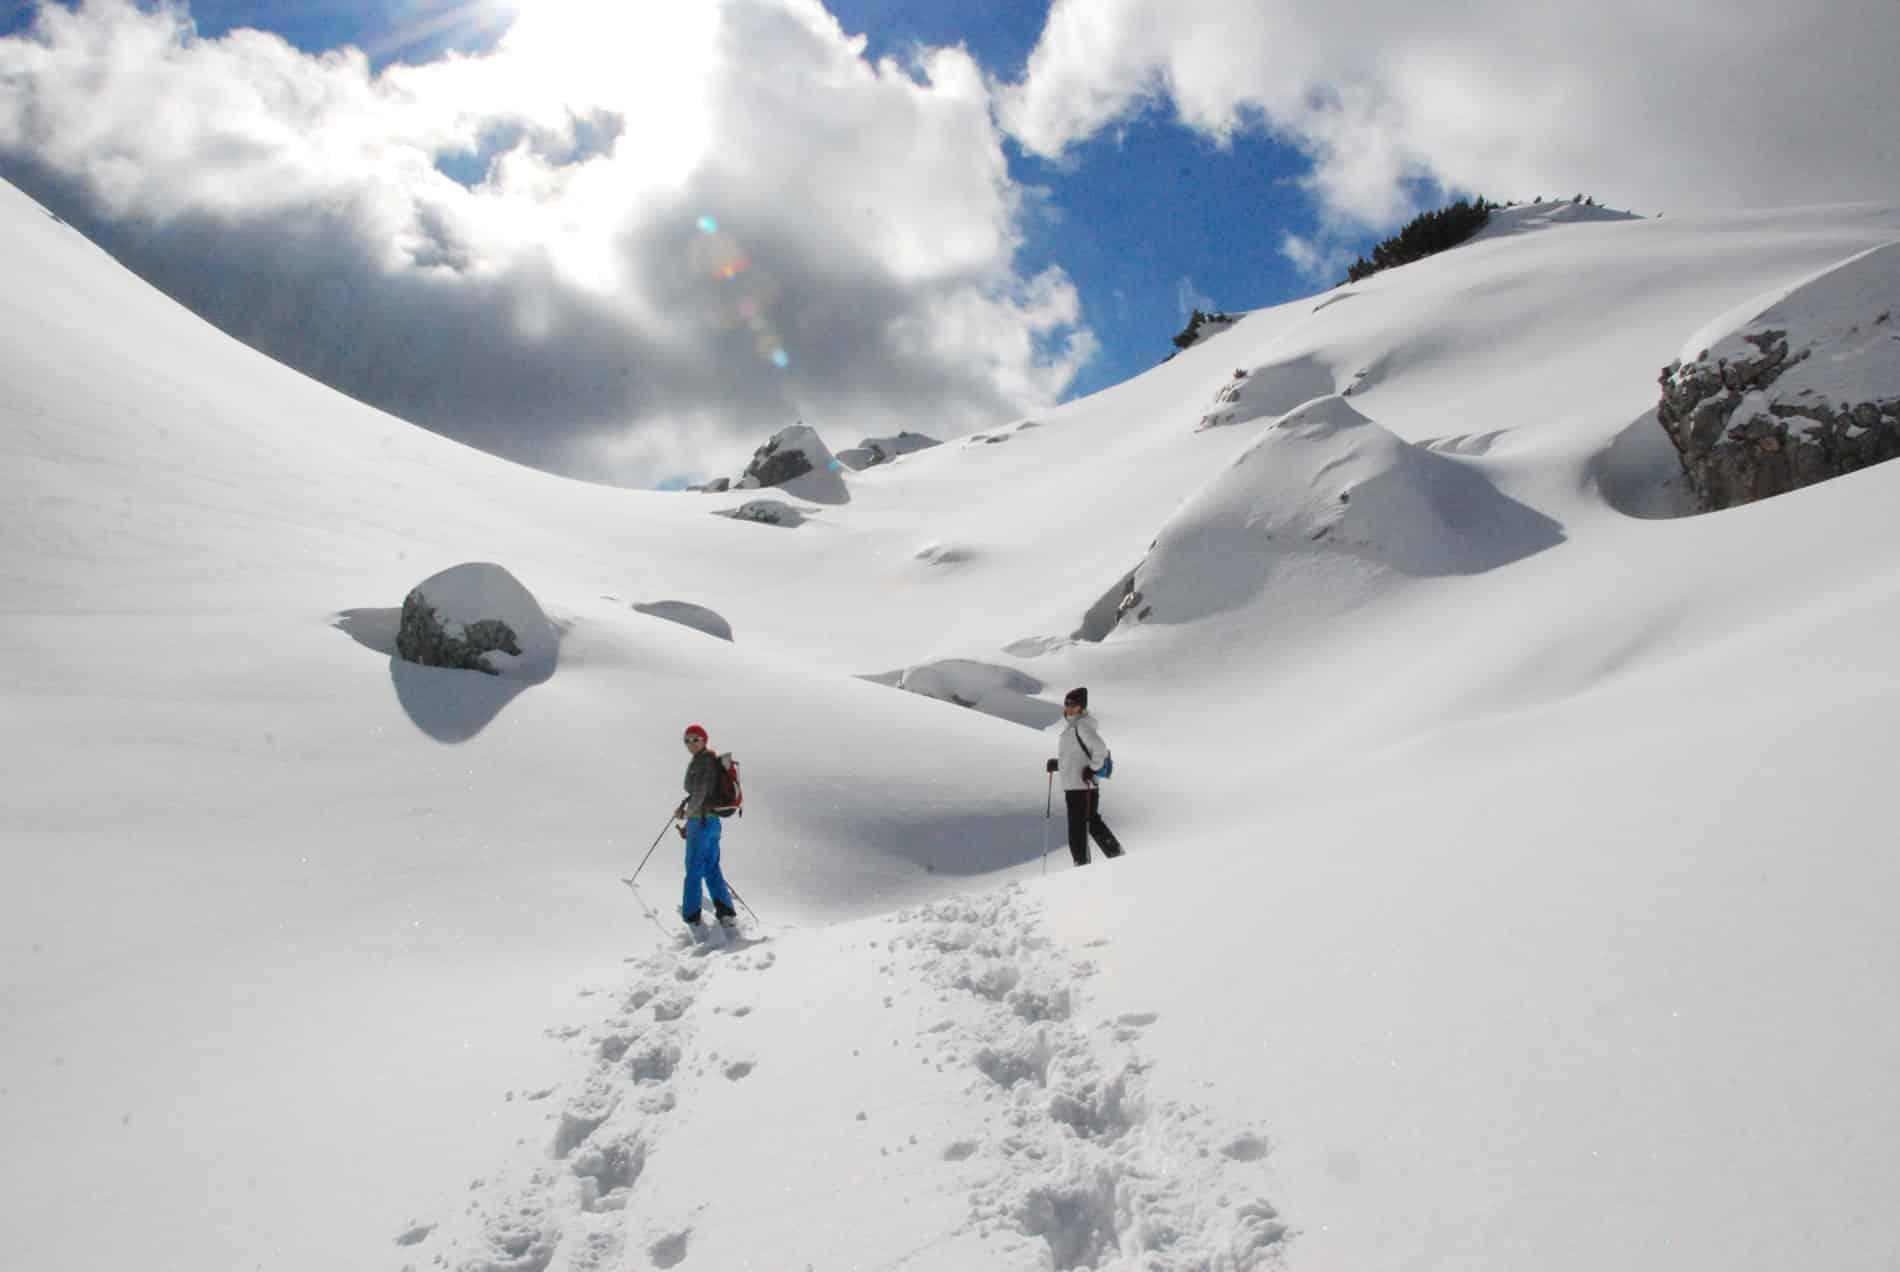 Schneeschuhwanderung im Rofan Tirol